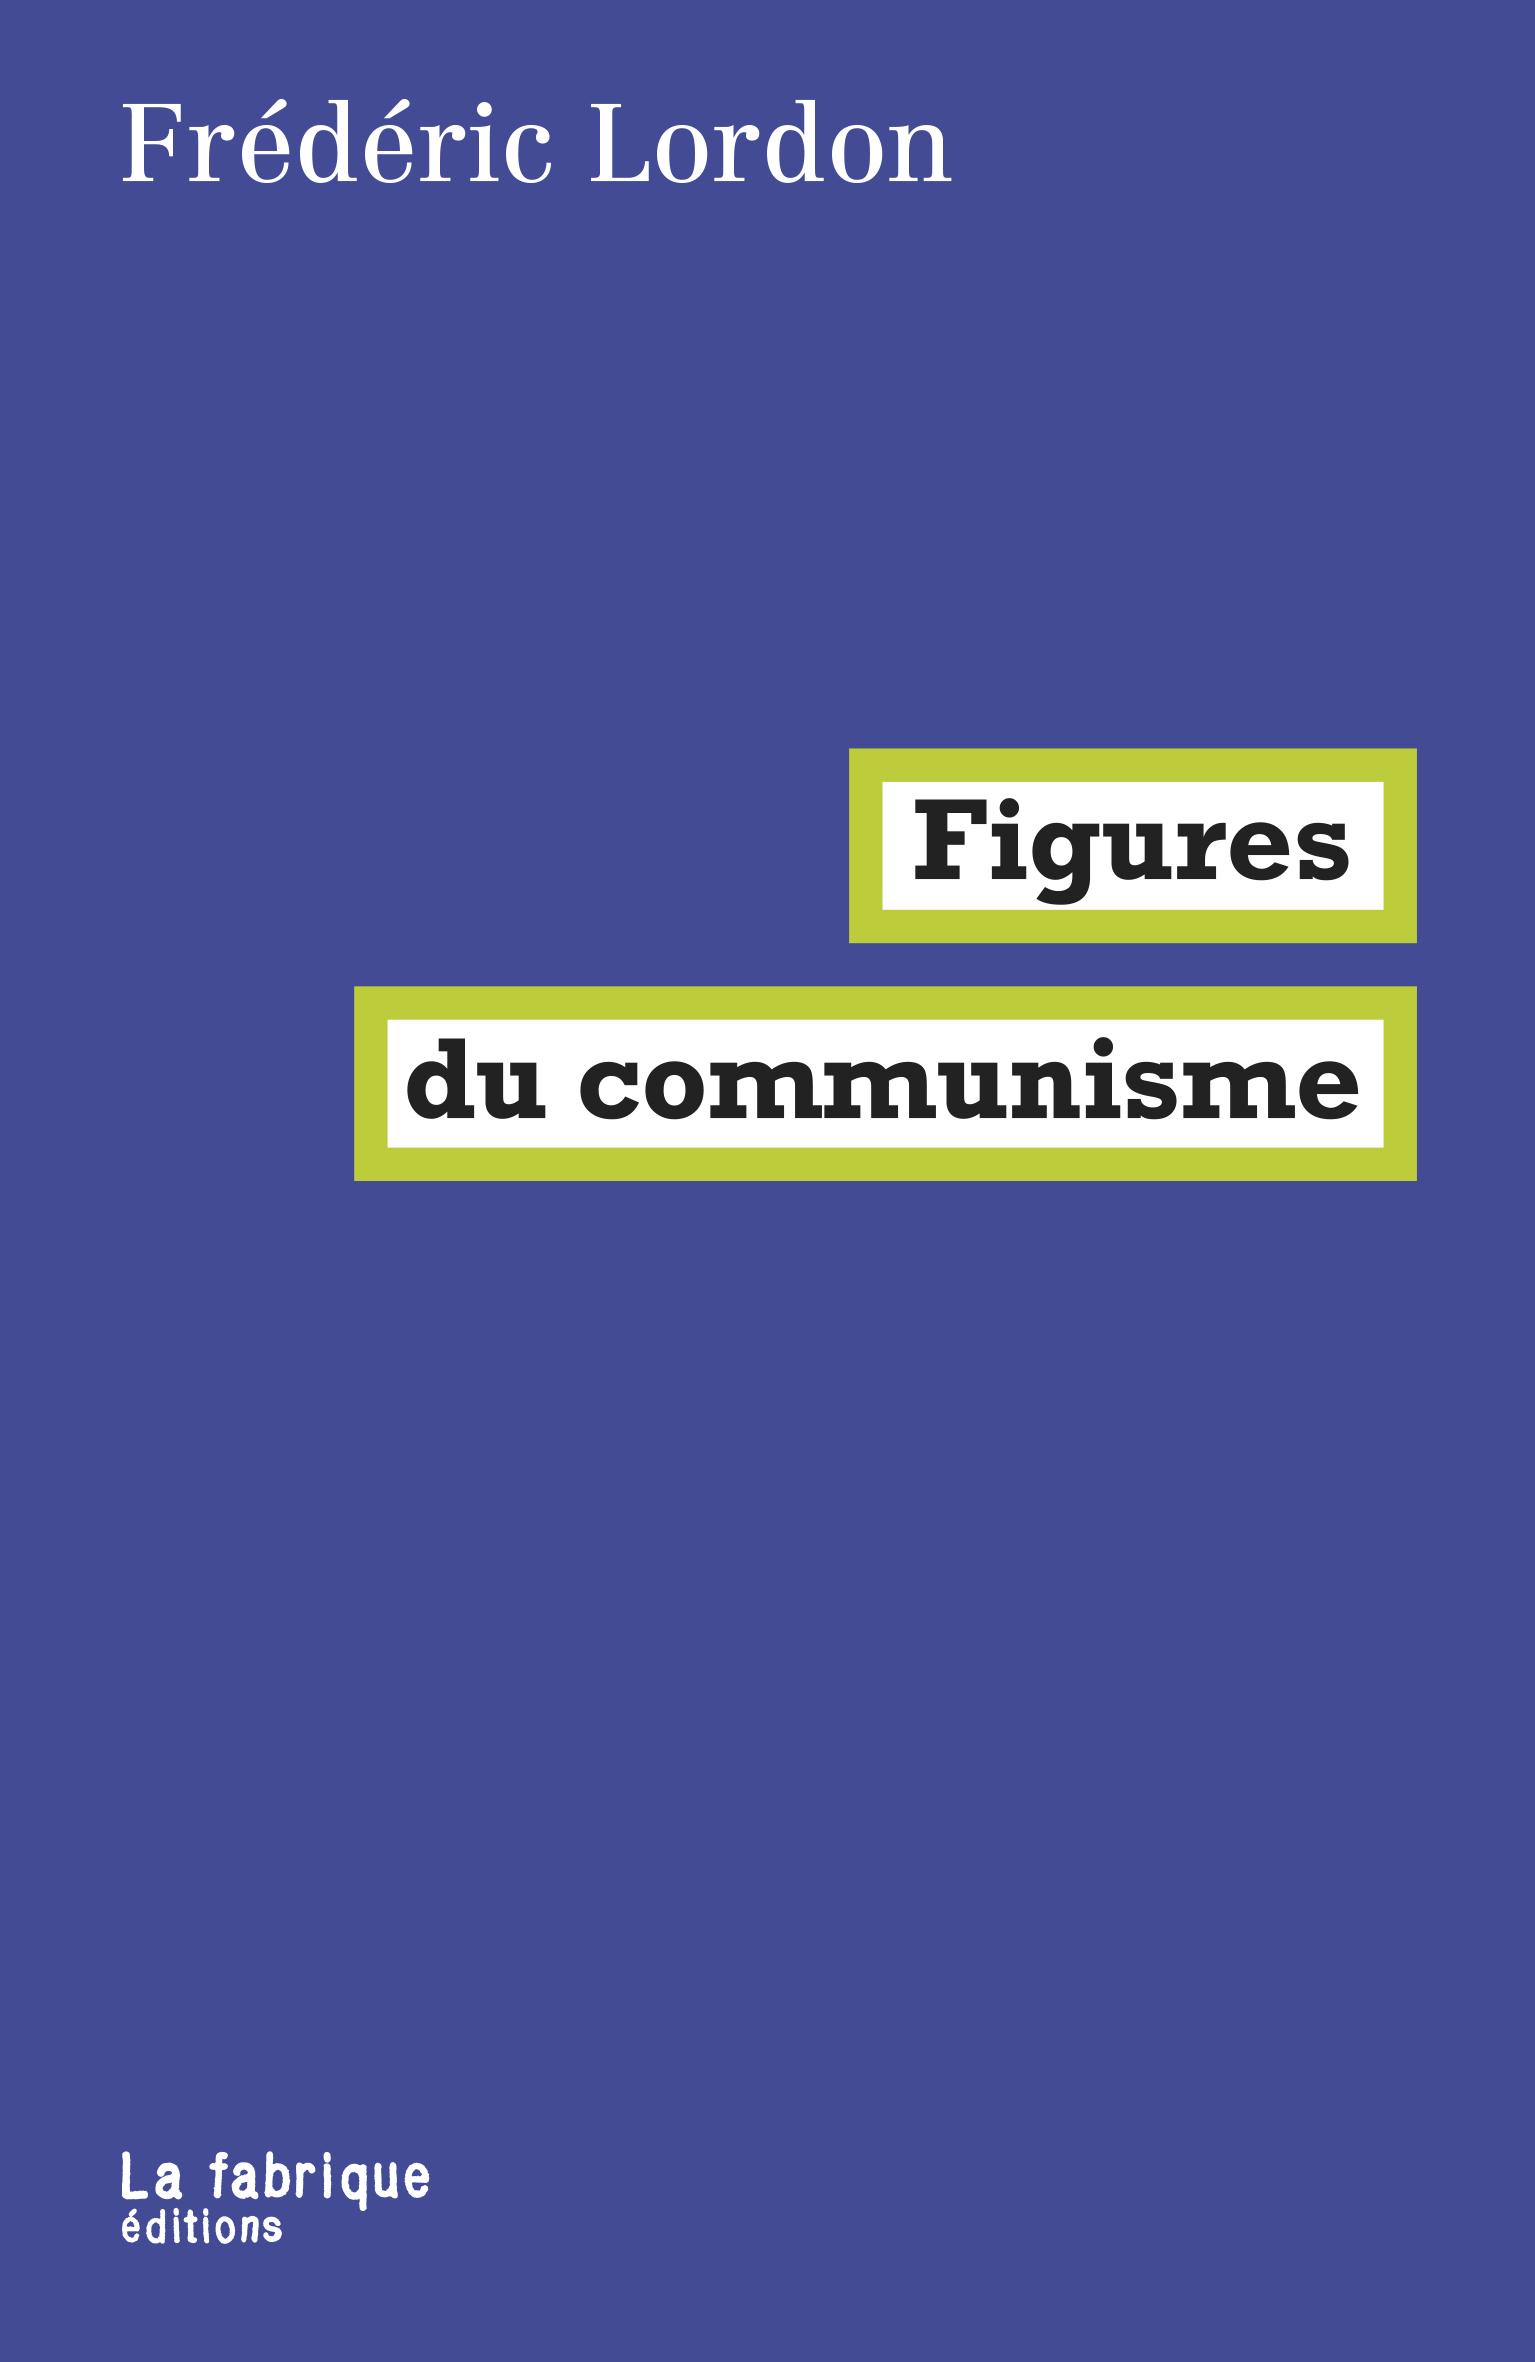 F. Lordon, Figures du communisme